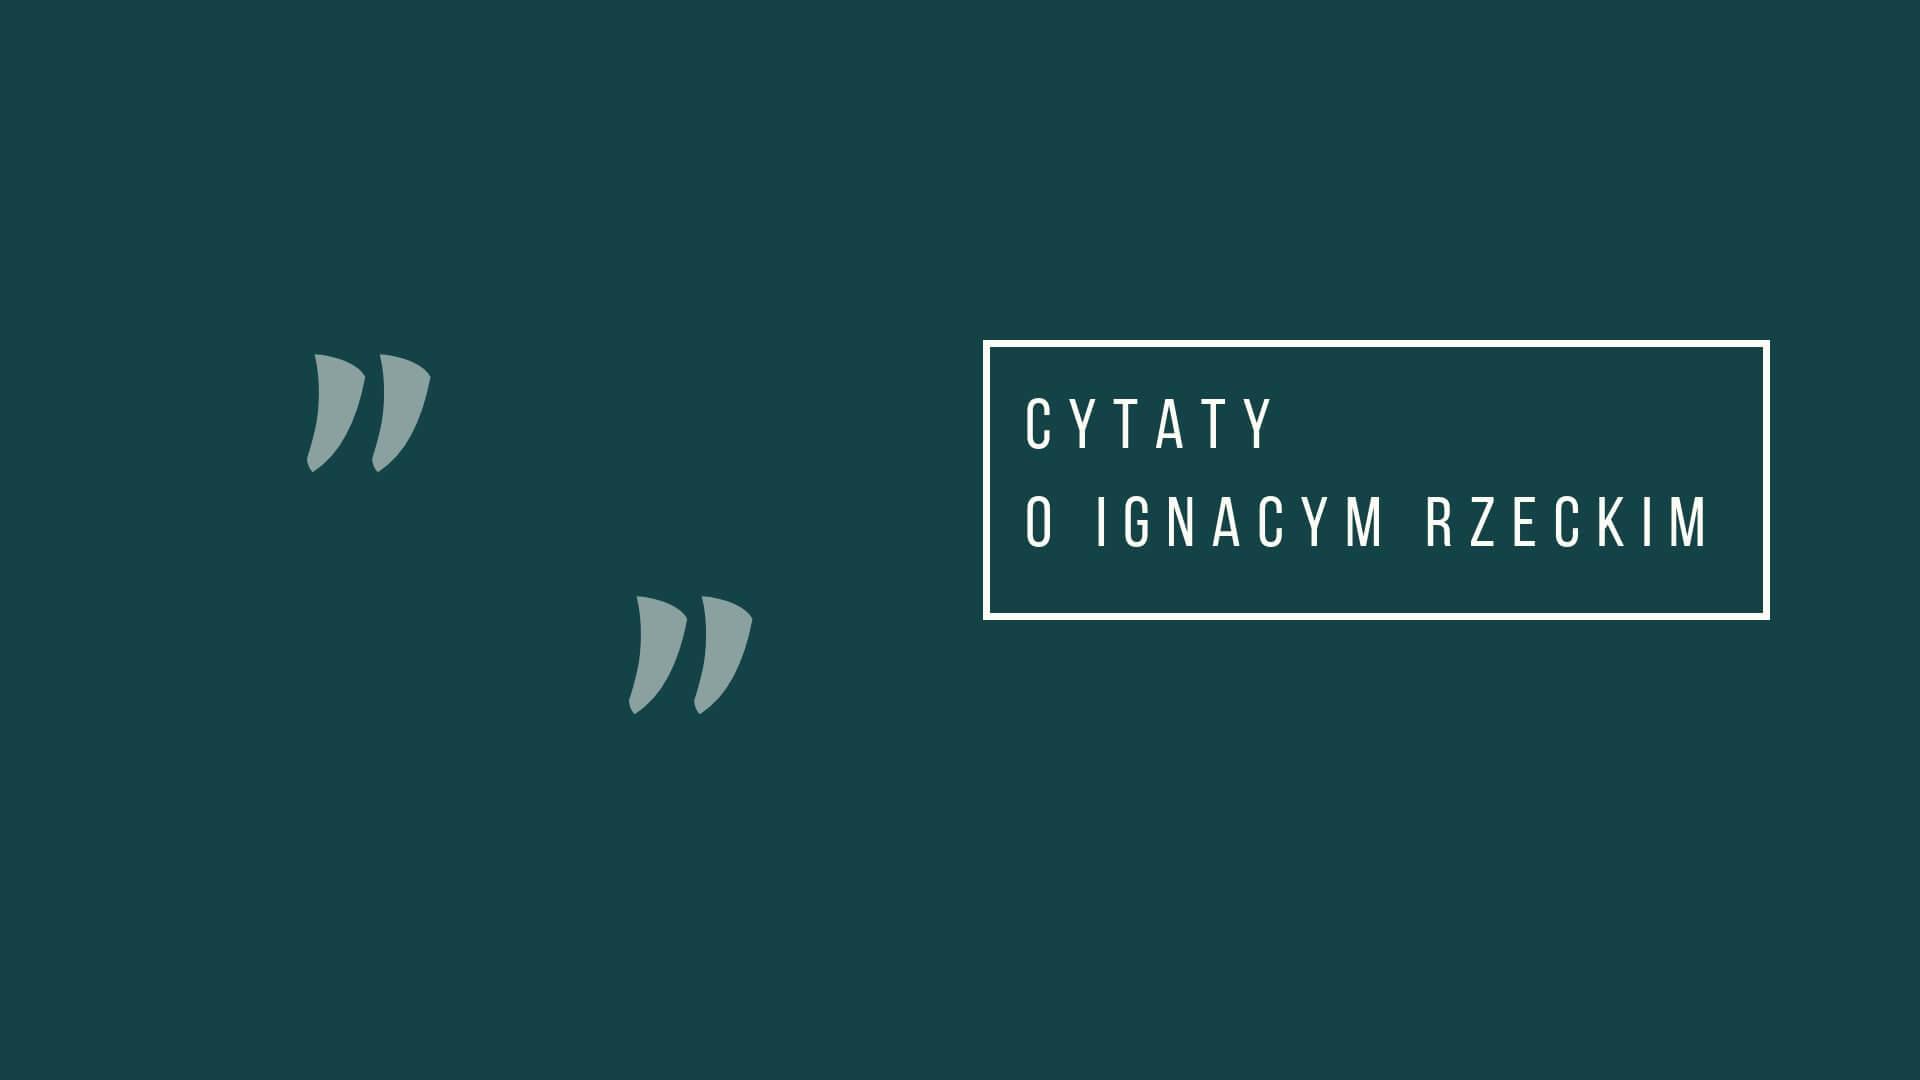 Cytaty o Rzeckim